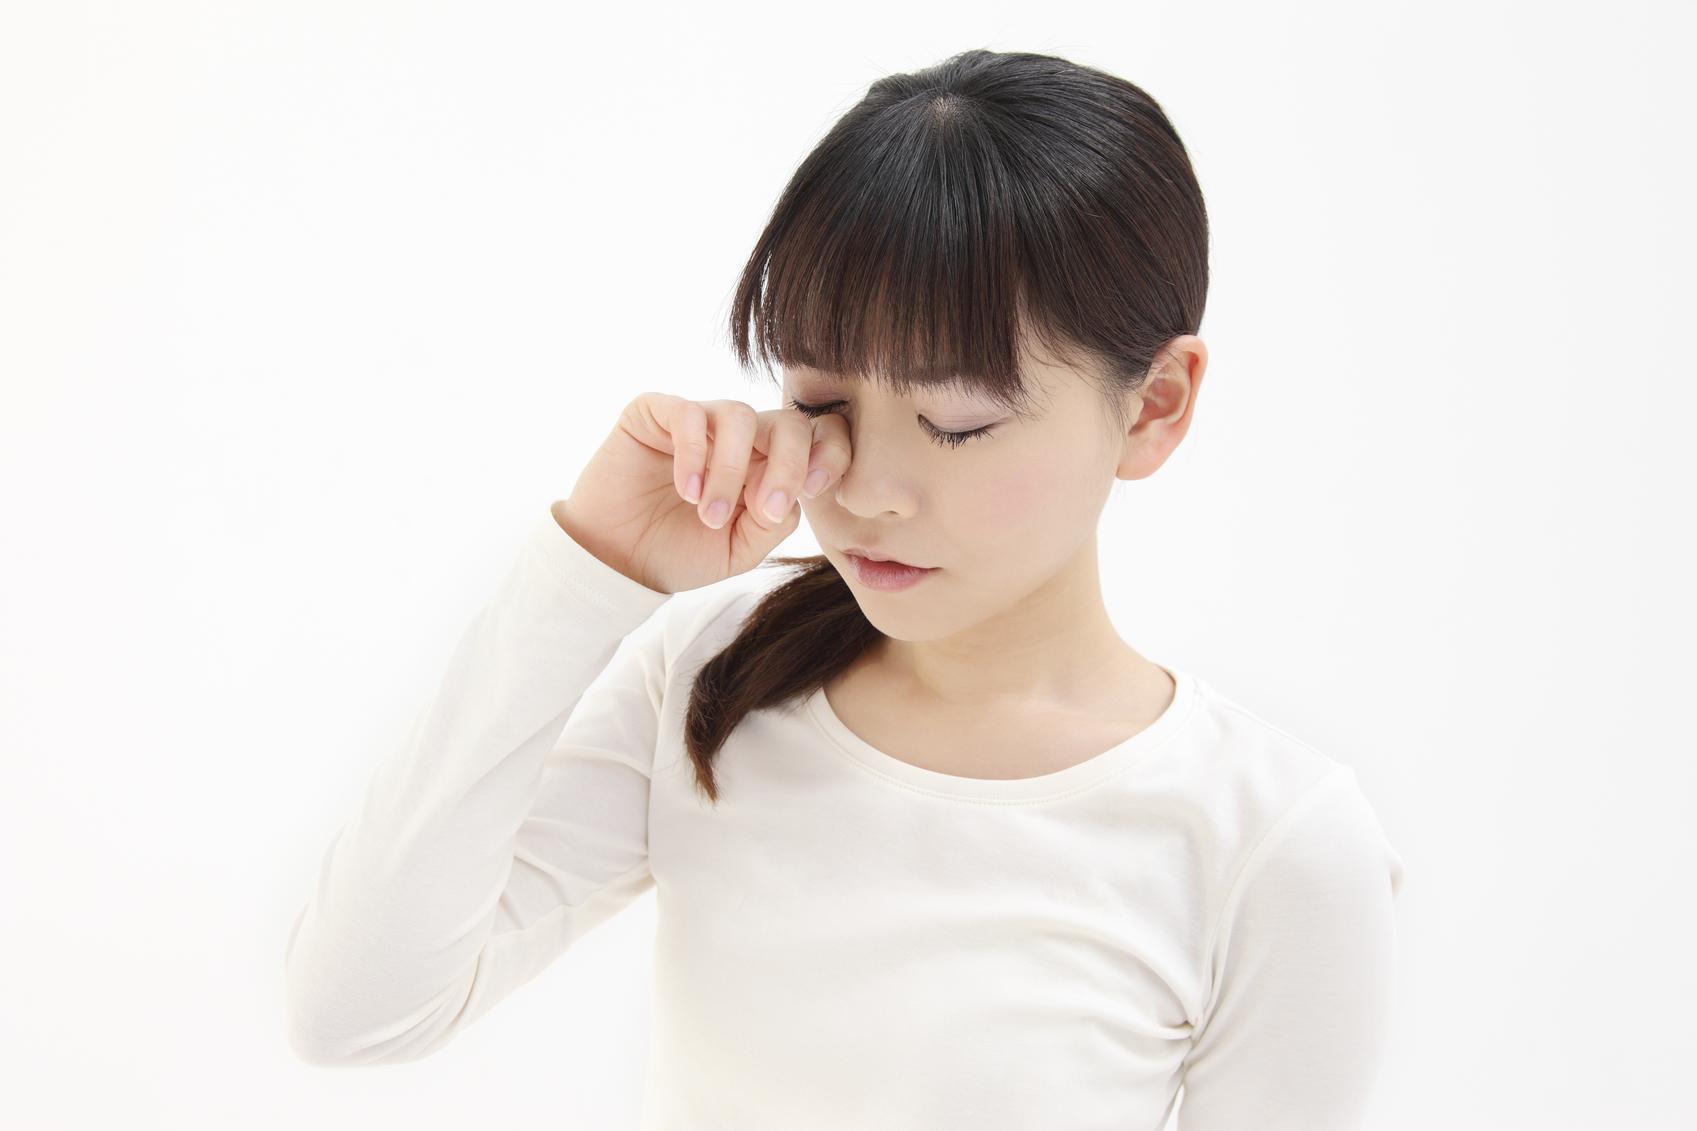 Niña morena con camiseta blanca se frota un ojo